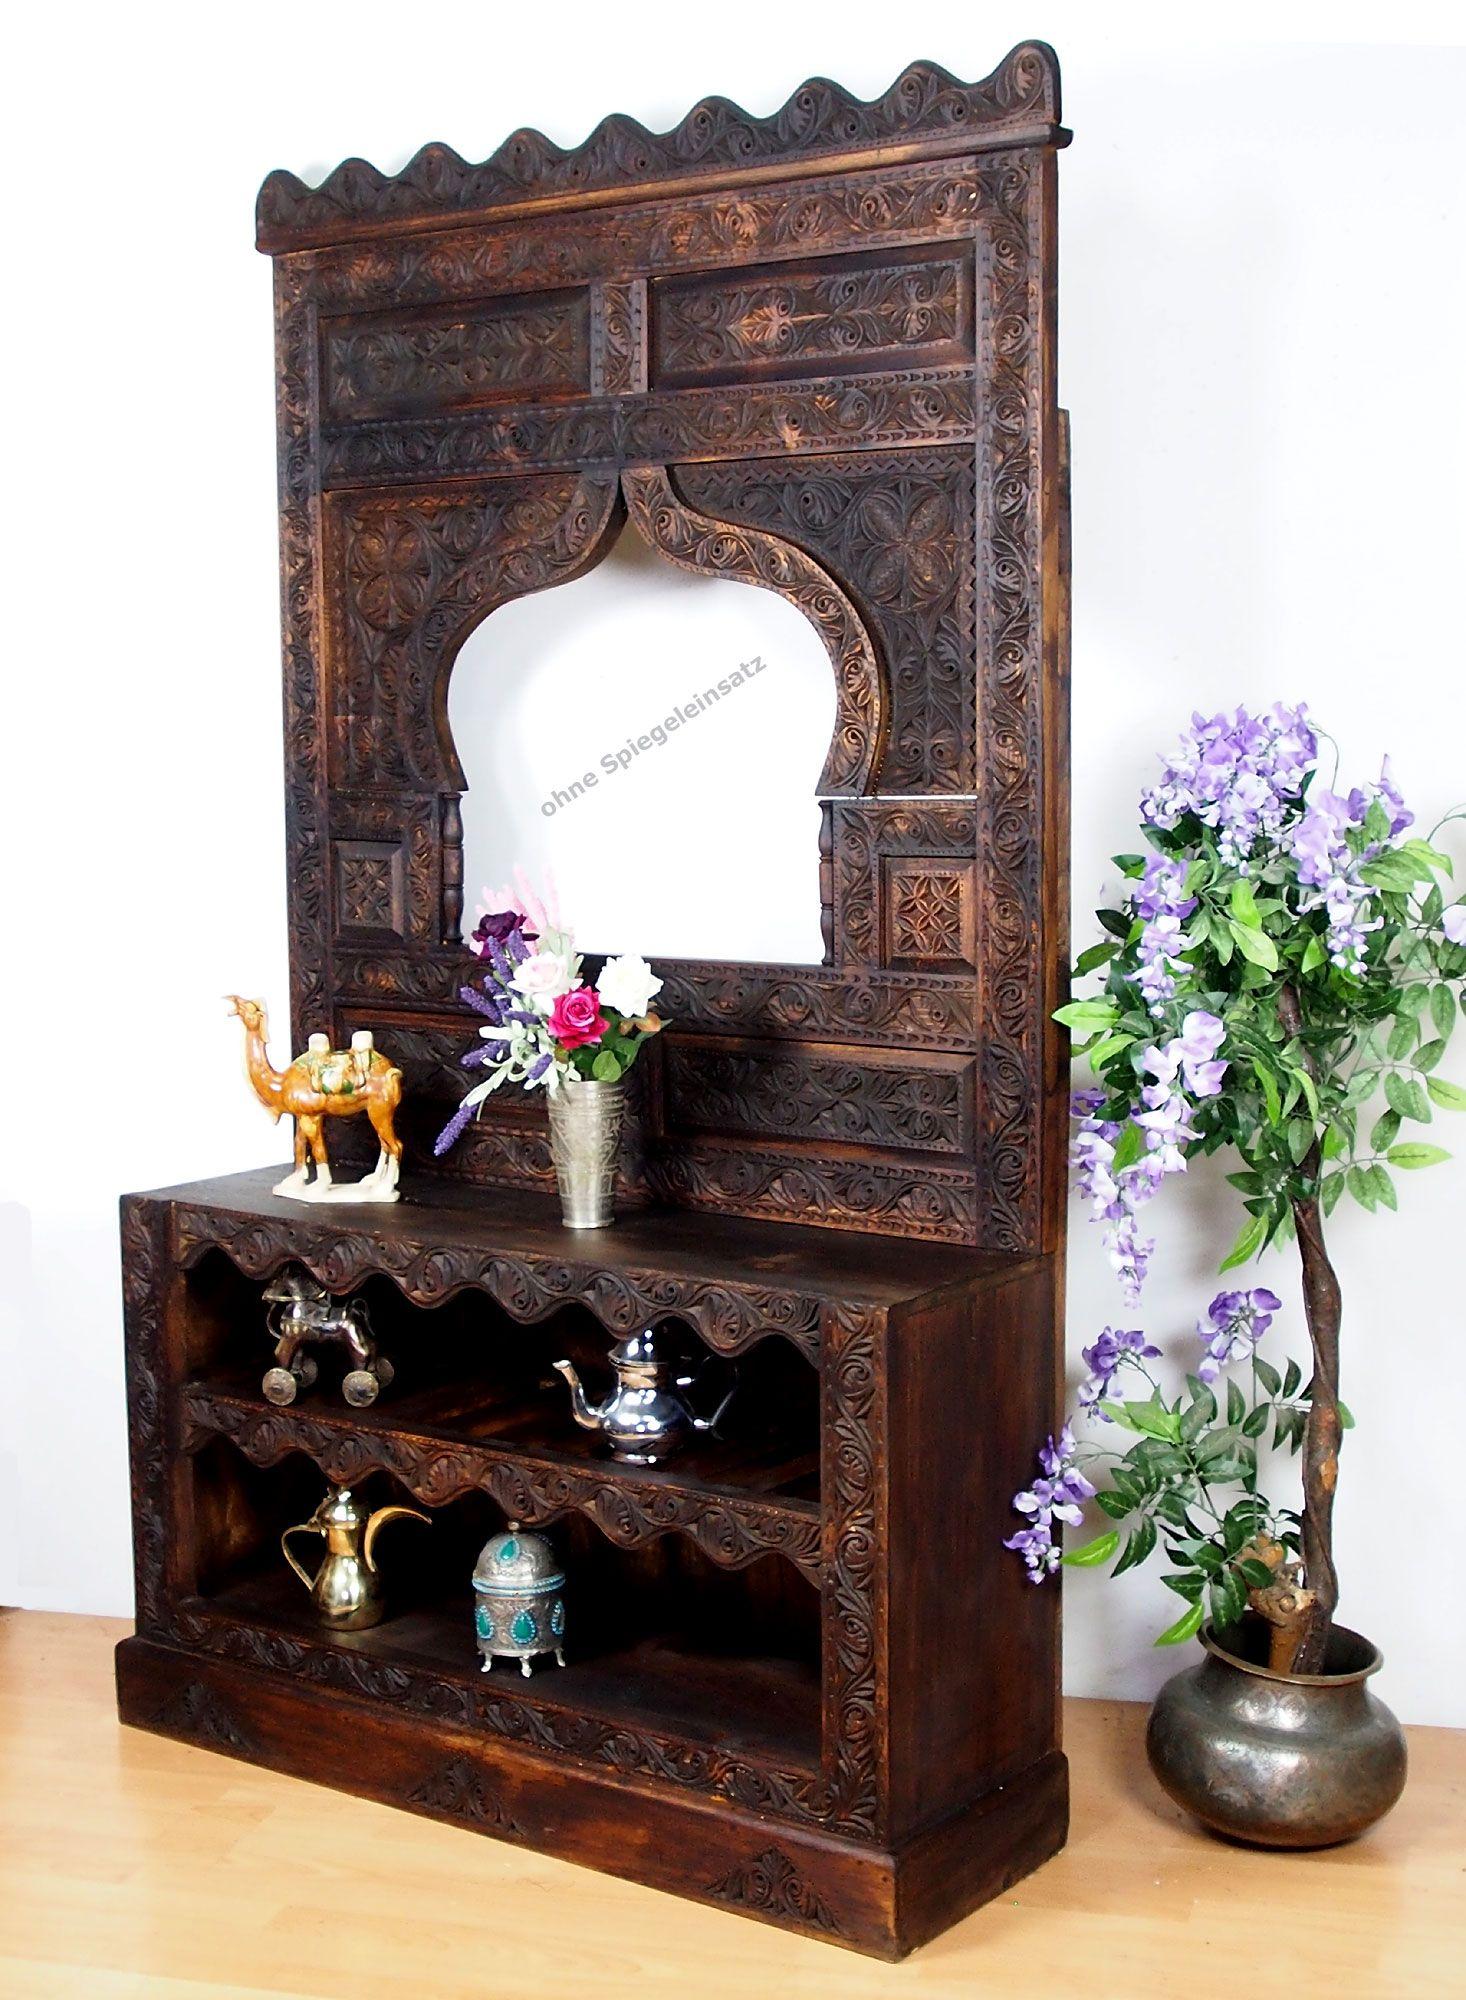 Flurgarderobe Wandgarderobe Shuhschrank Spiegel Massivholz Nuristan Wandgarderobe Innenarchitekt Und Orientalisch